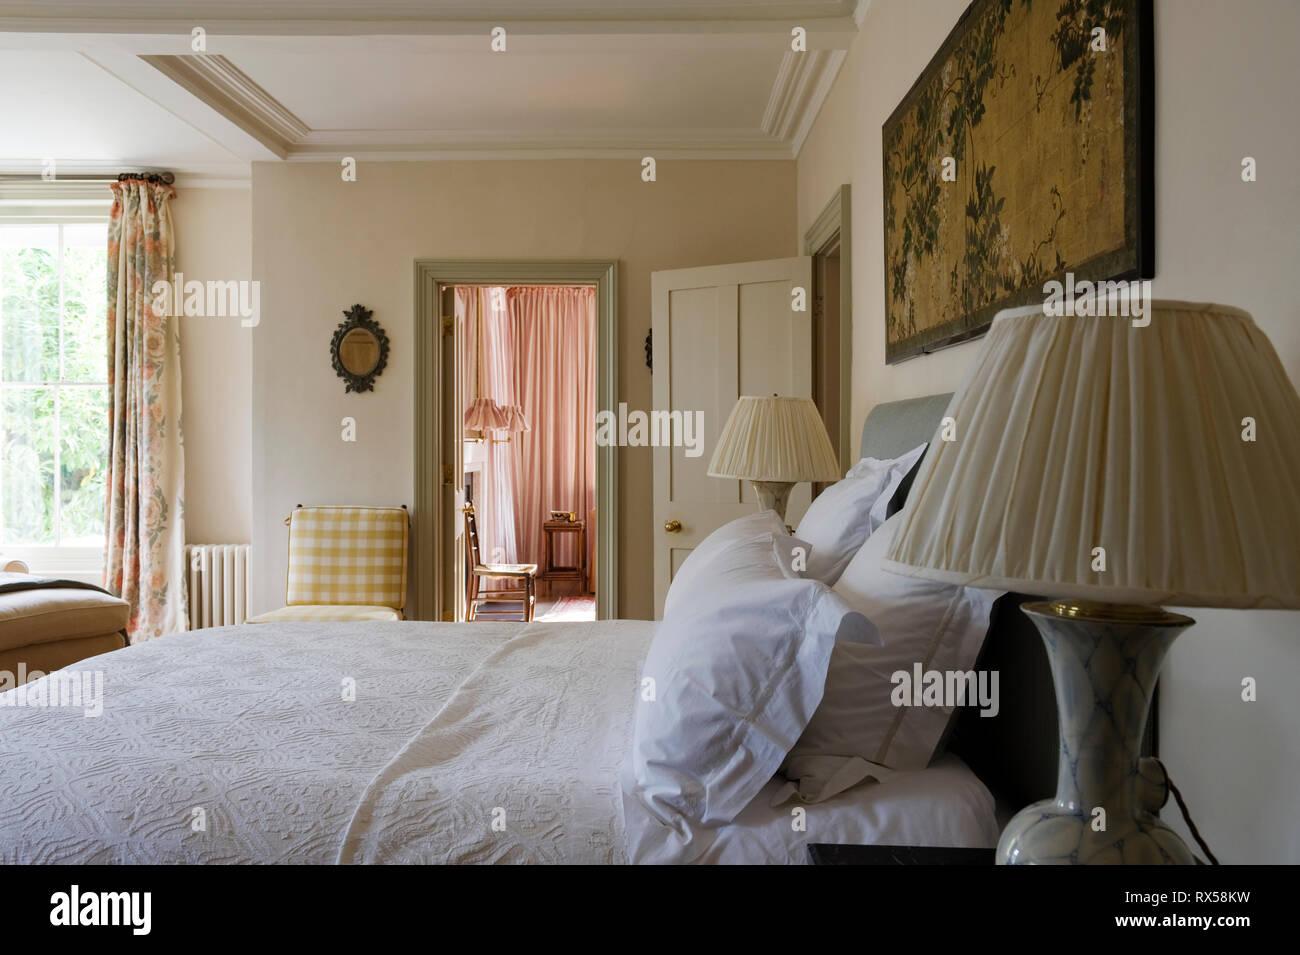 Letto matrimoniale in stile country camera da letto Foto ...